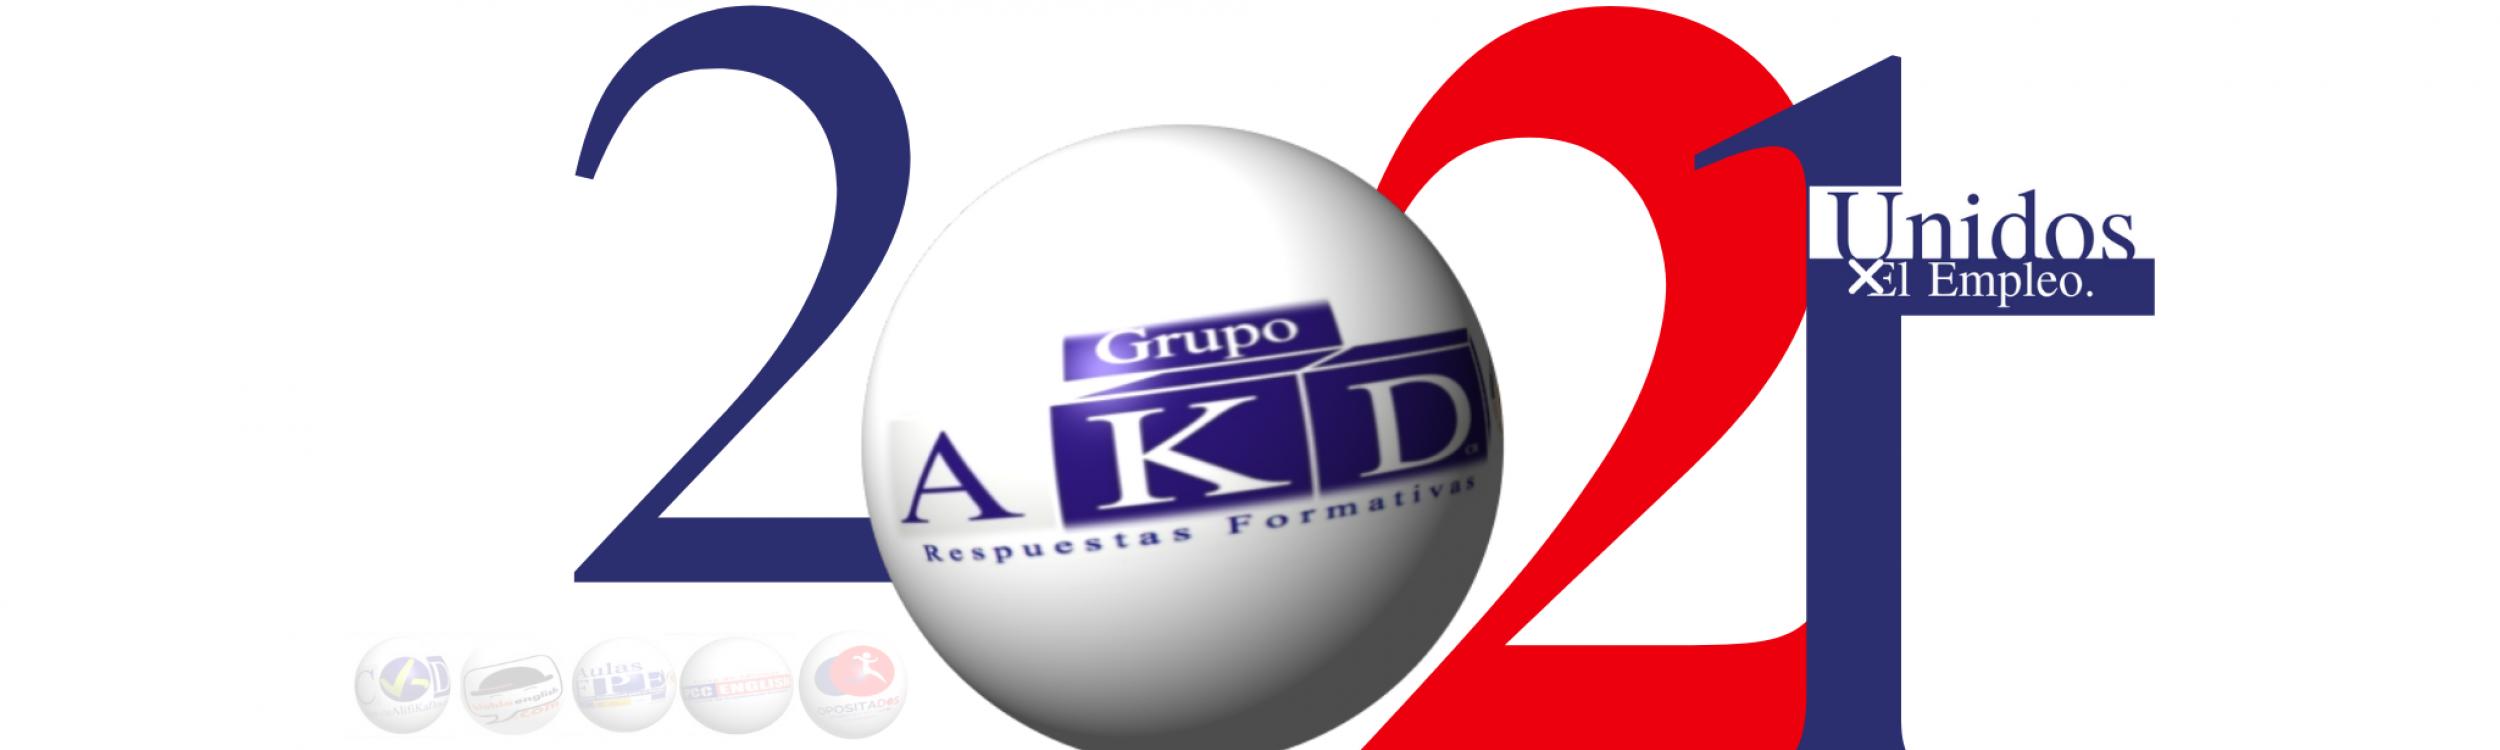 UNIDOS X EL EMPLEO 2021